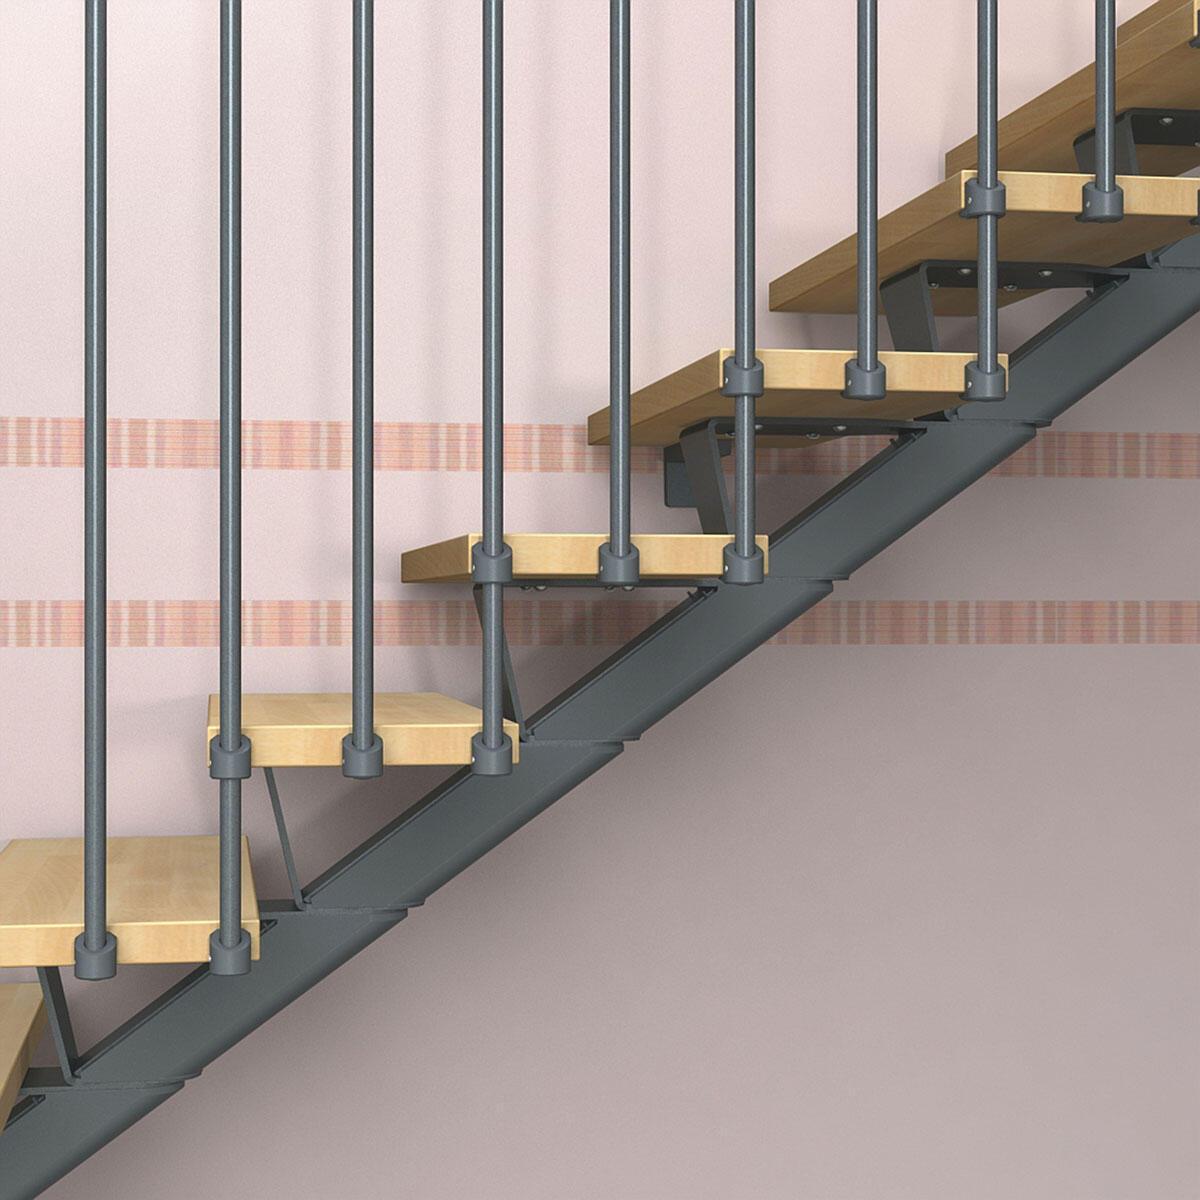 Scala a rampa due quarti di giro Mas 030 FONTANOT L 75 cm, gradino naturale, struttura antracite - 3